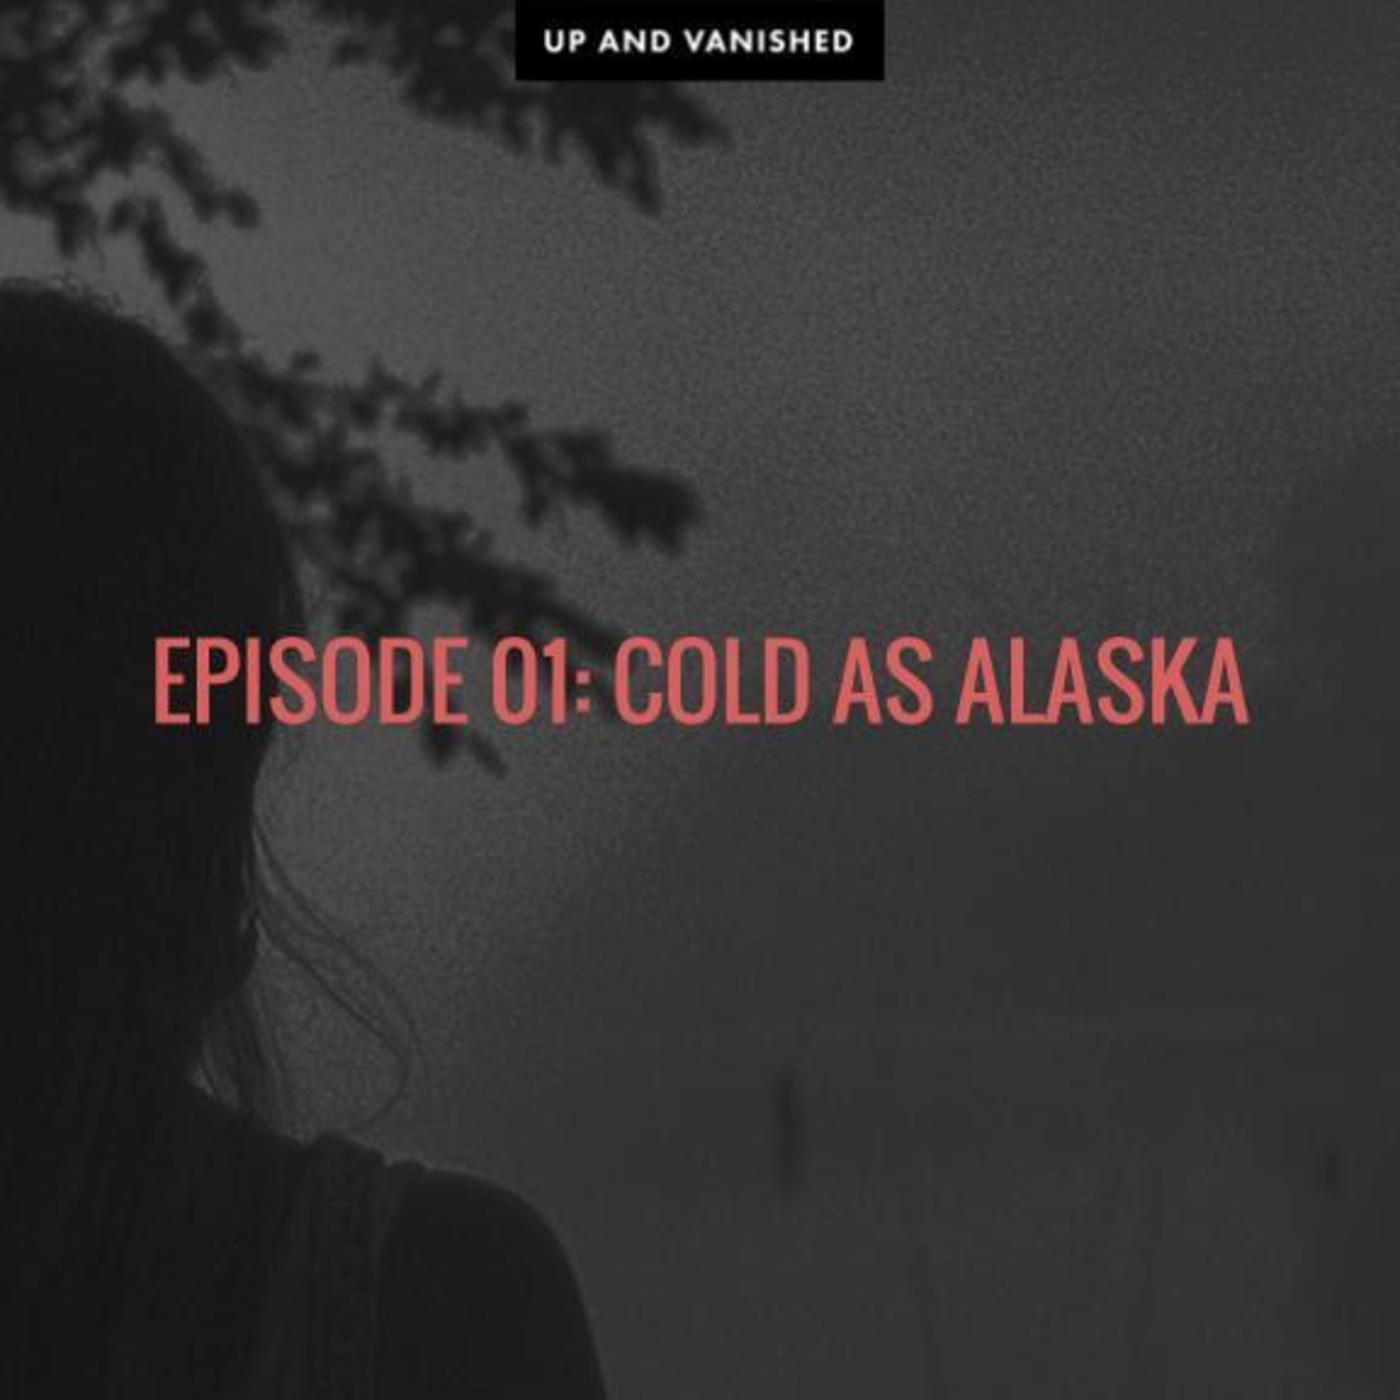 S1E1: Cold as Alaska